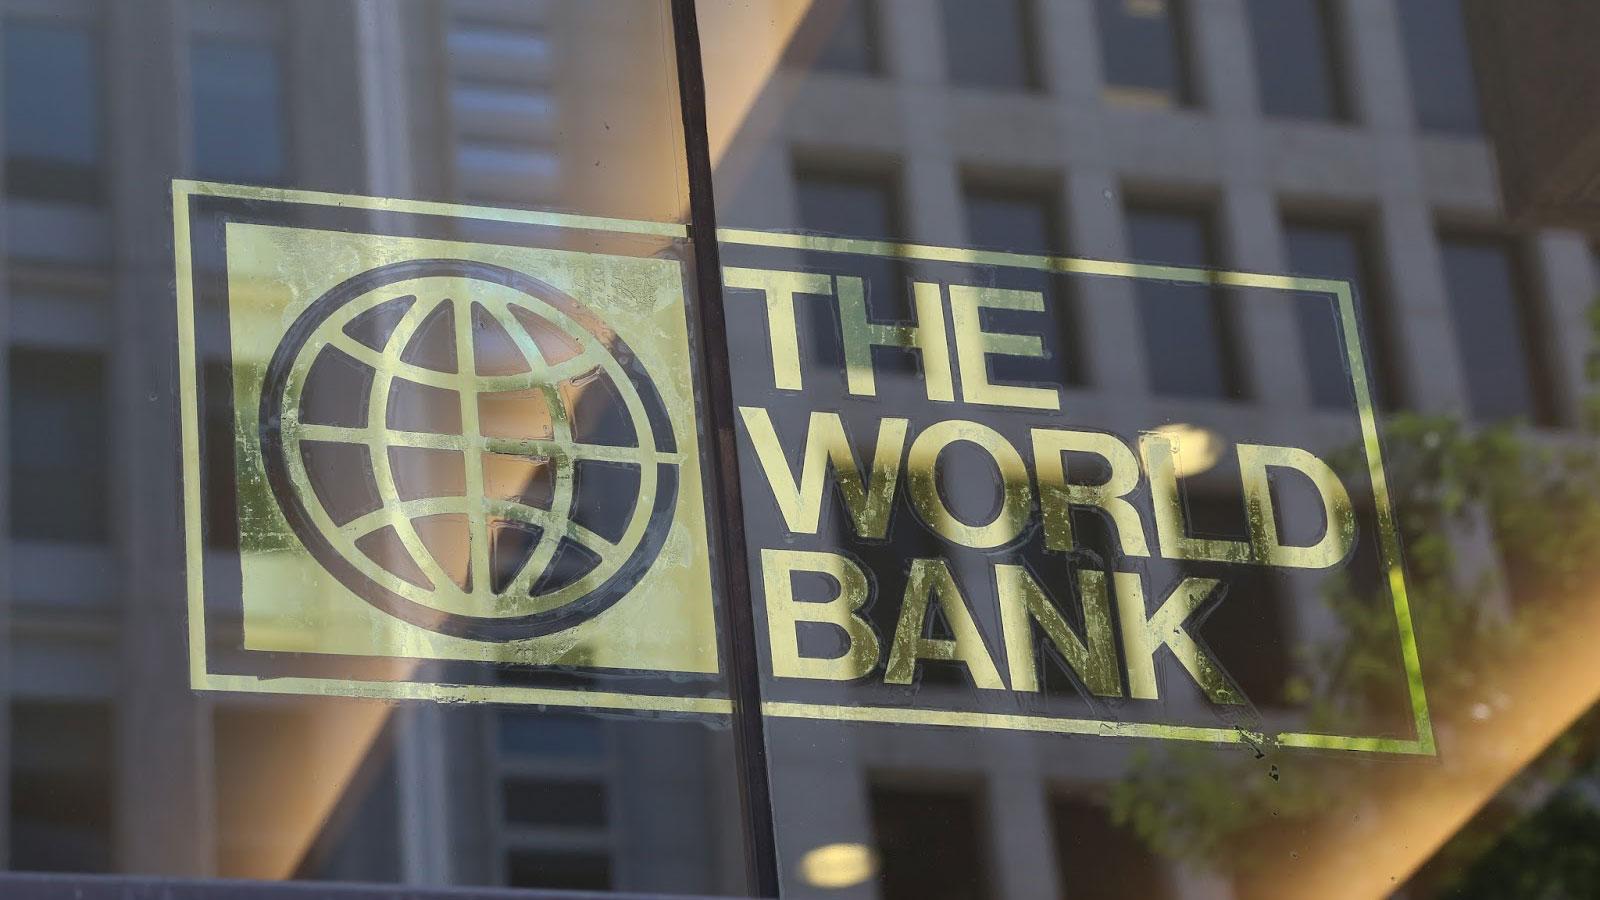 Développement : La Banque mondiale engage 1,1 milliard $ pour aider le Tchad